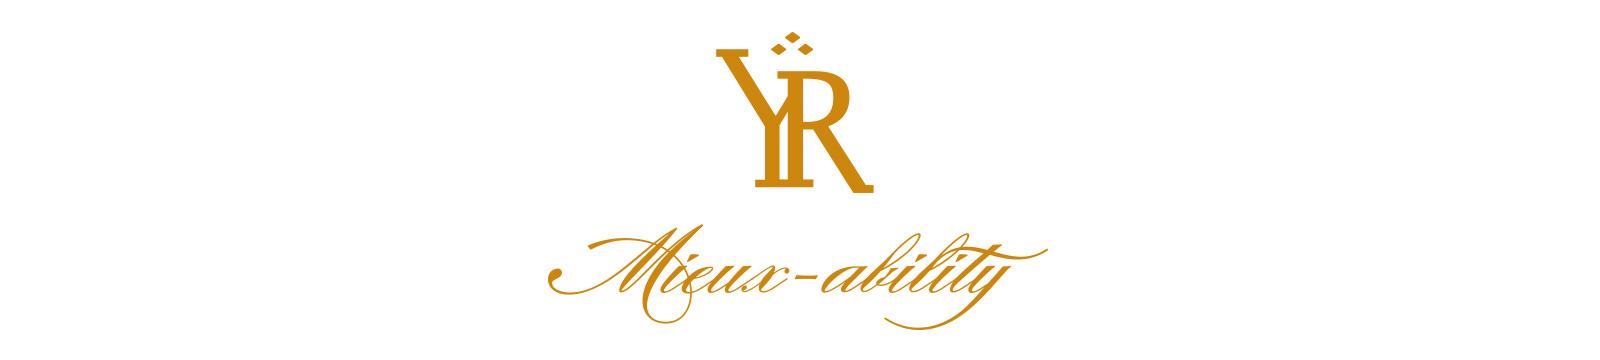 YR Mieux-ability